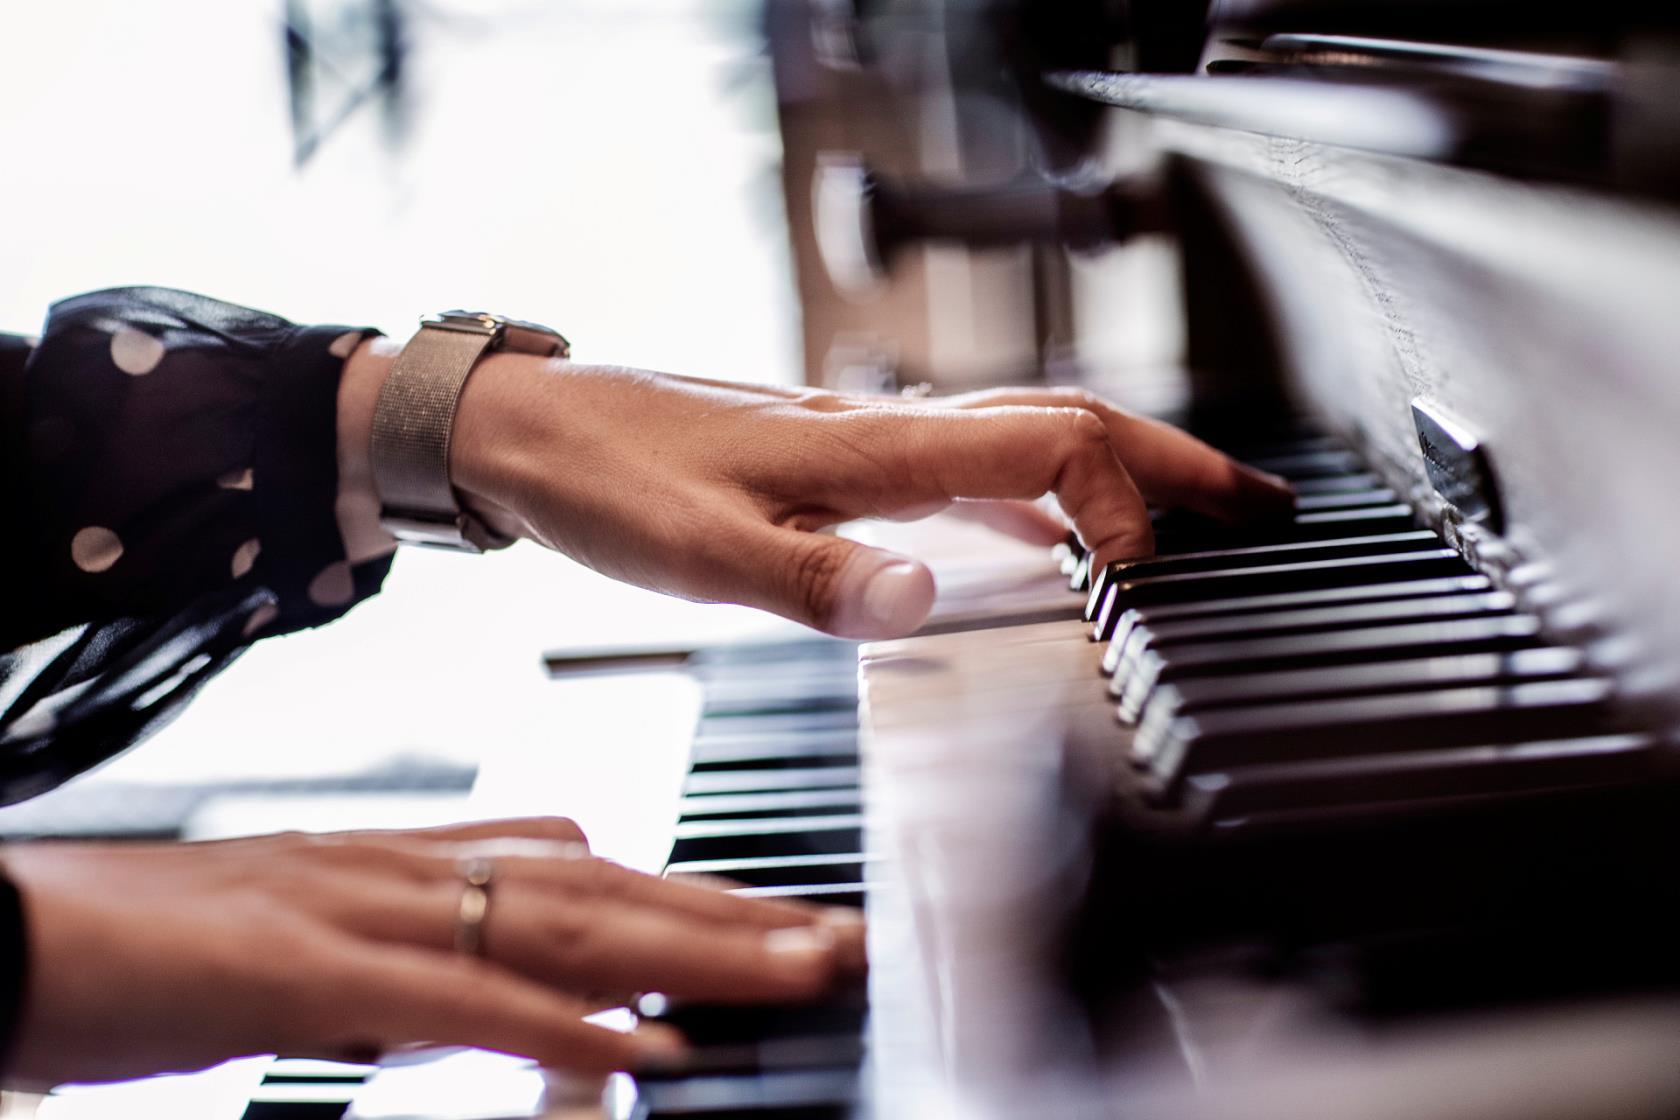 En person som spelar på en orgel. Bara händerna och orgeltangenterna syns.